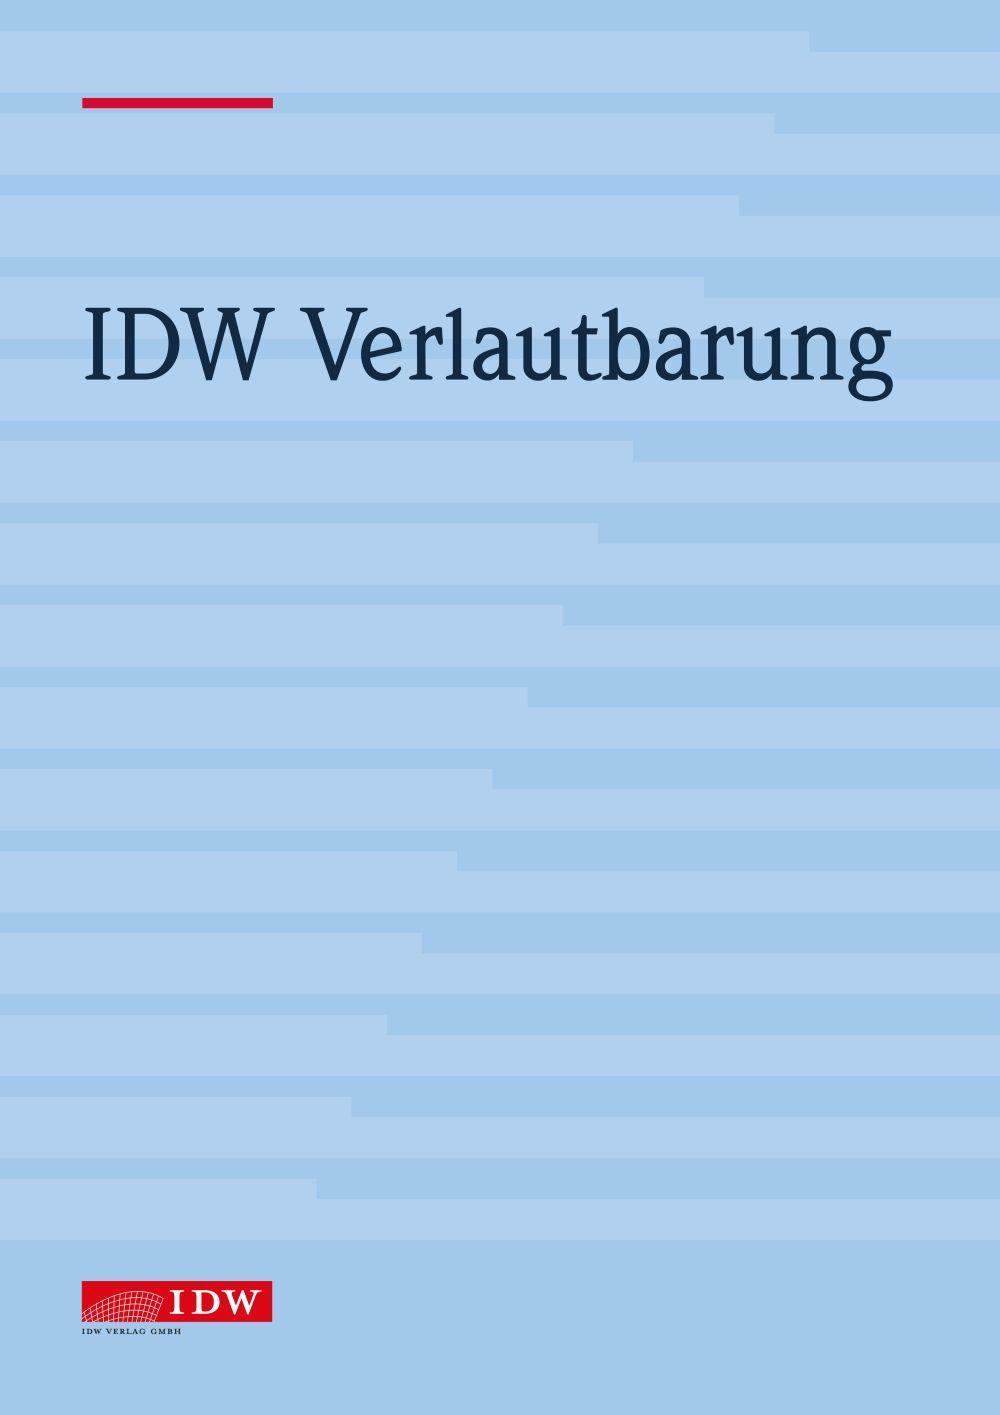 IDW Verlautbarung POD